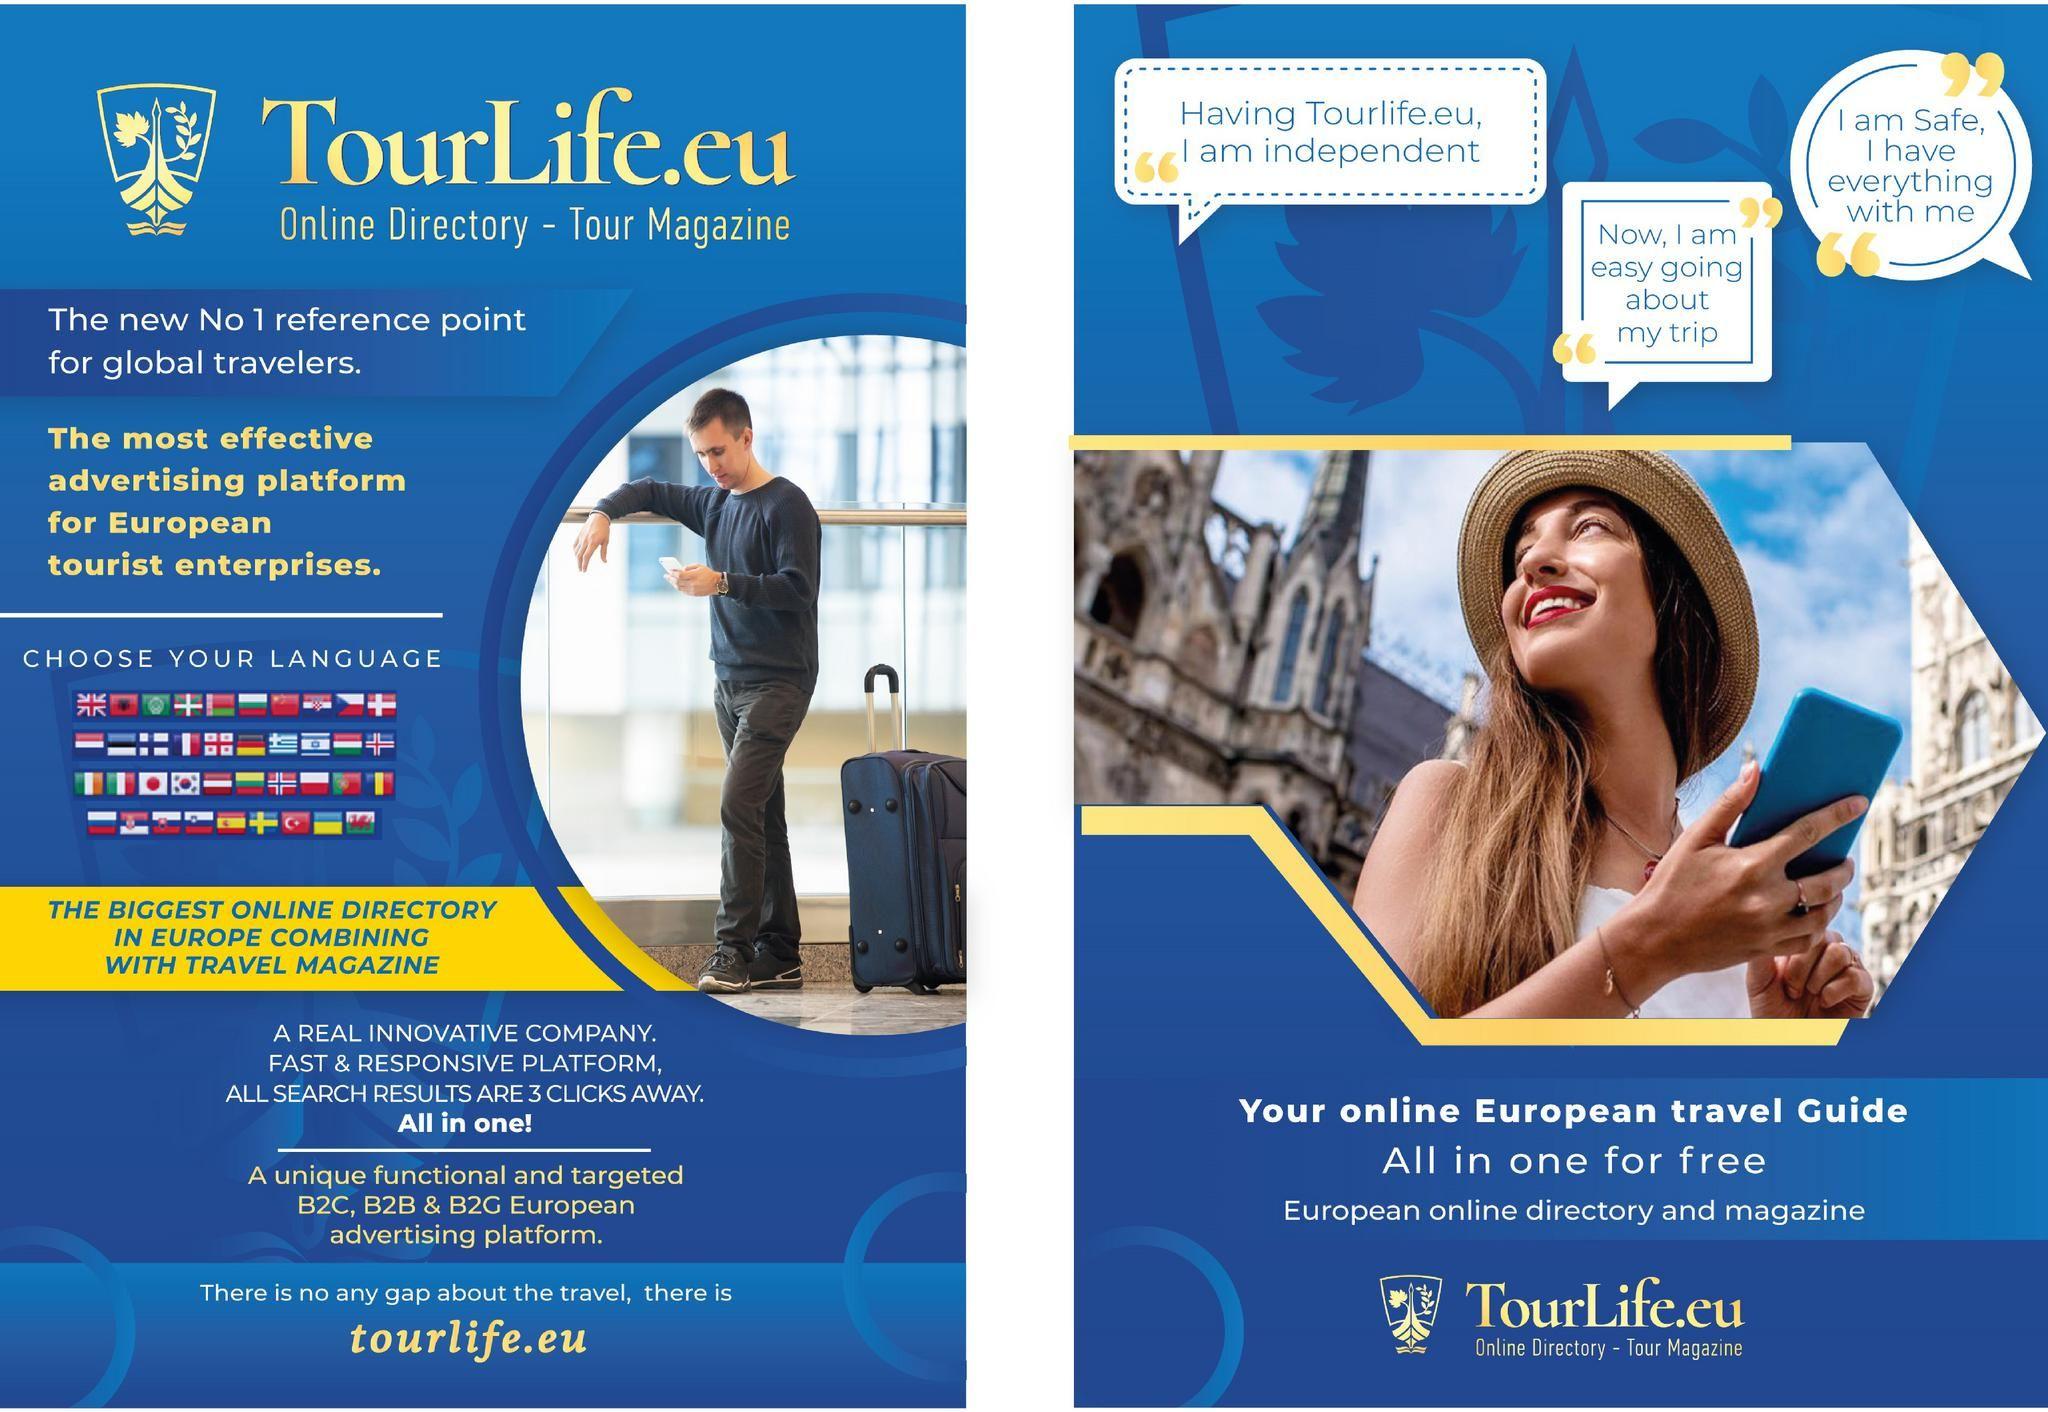 TourLife.eu Ltd